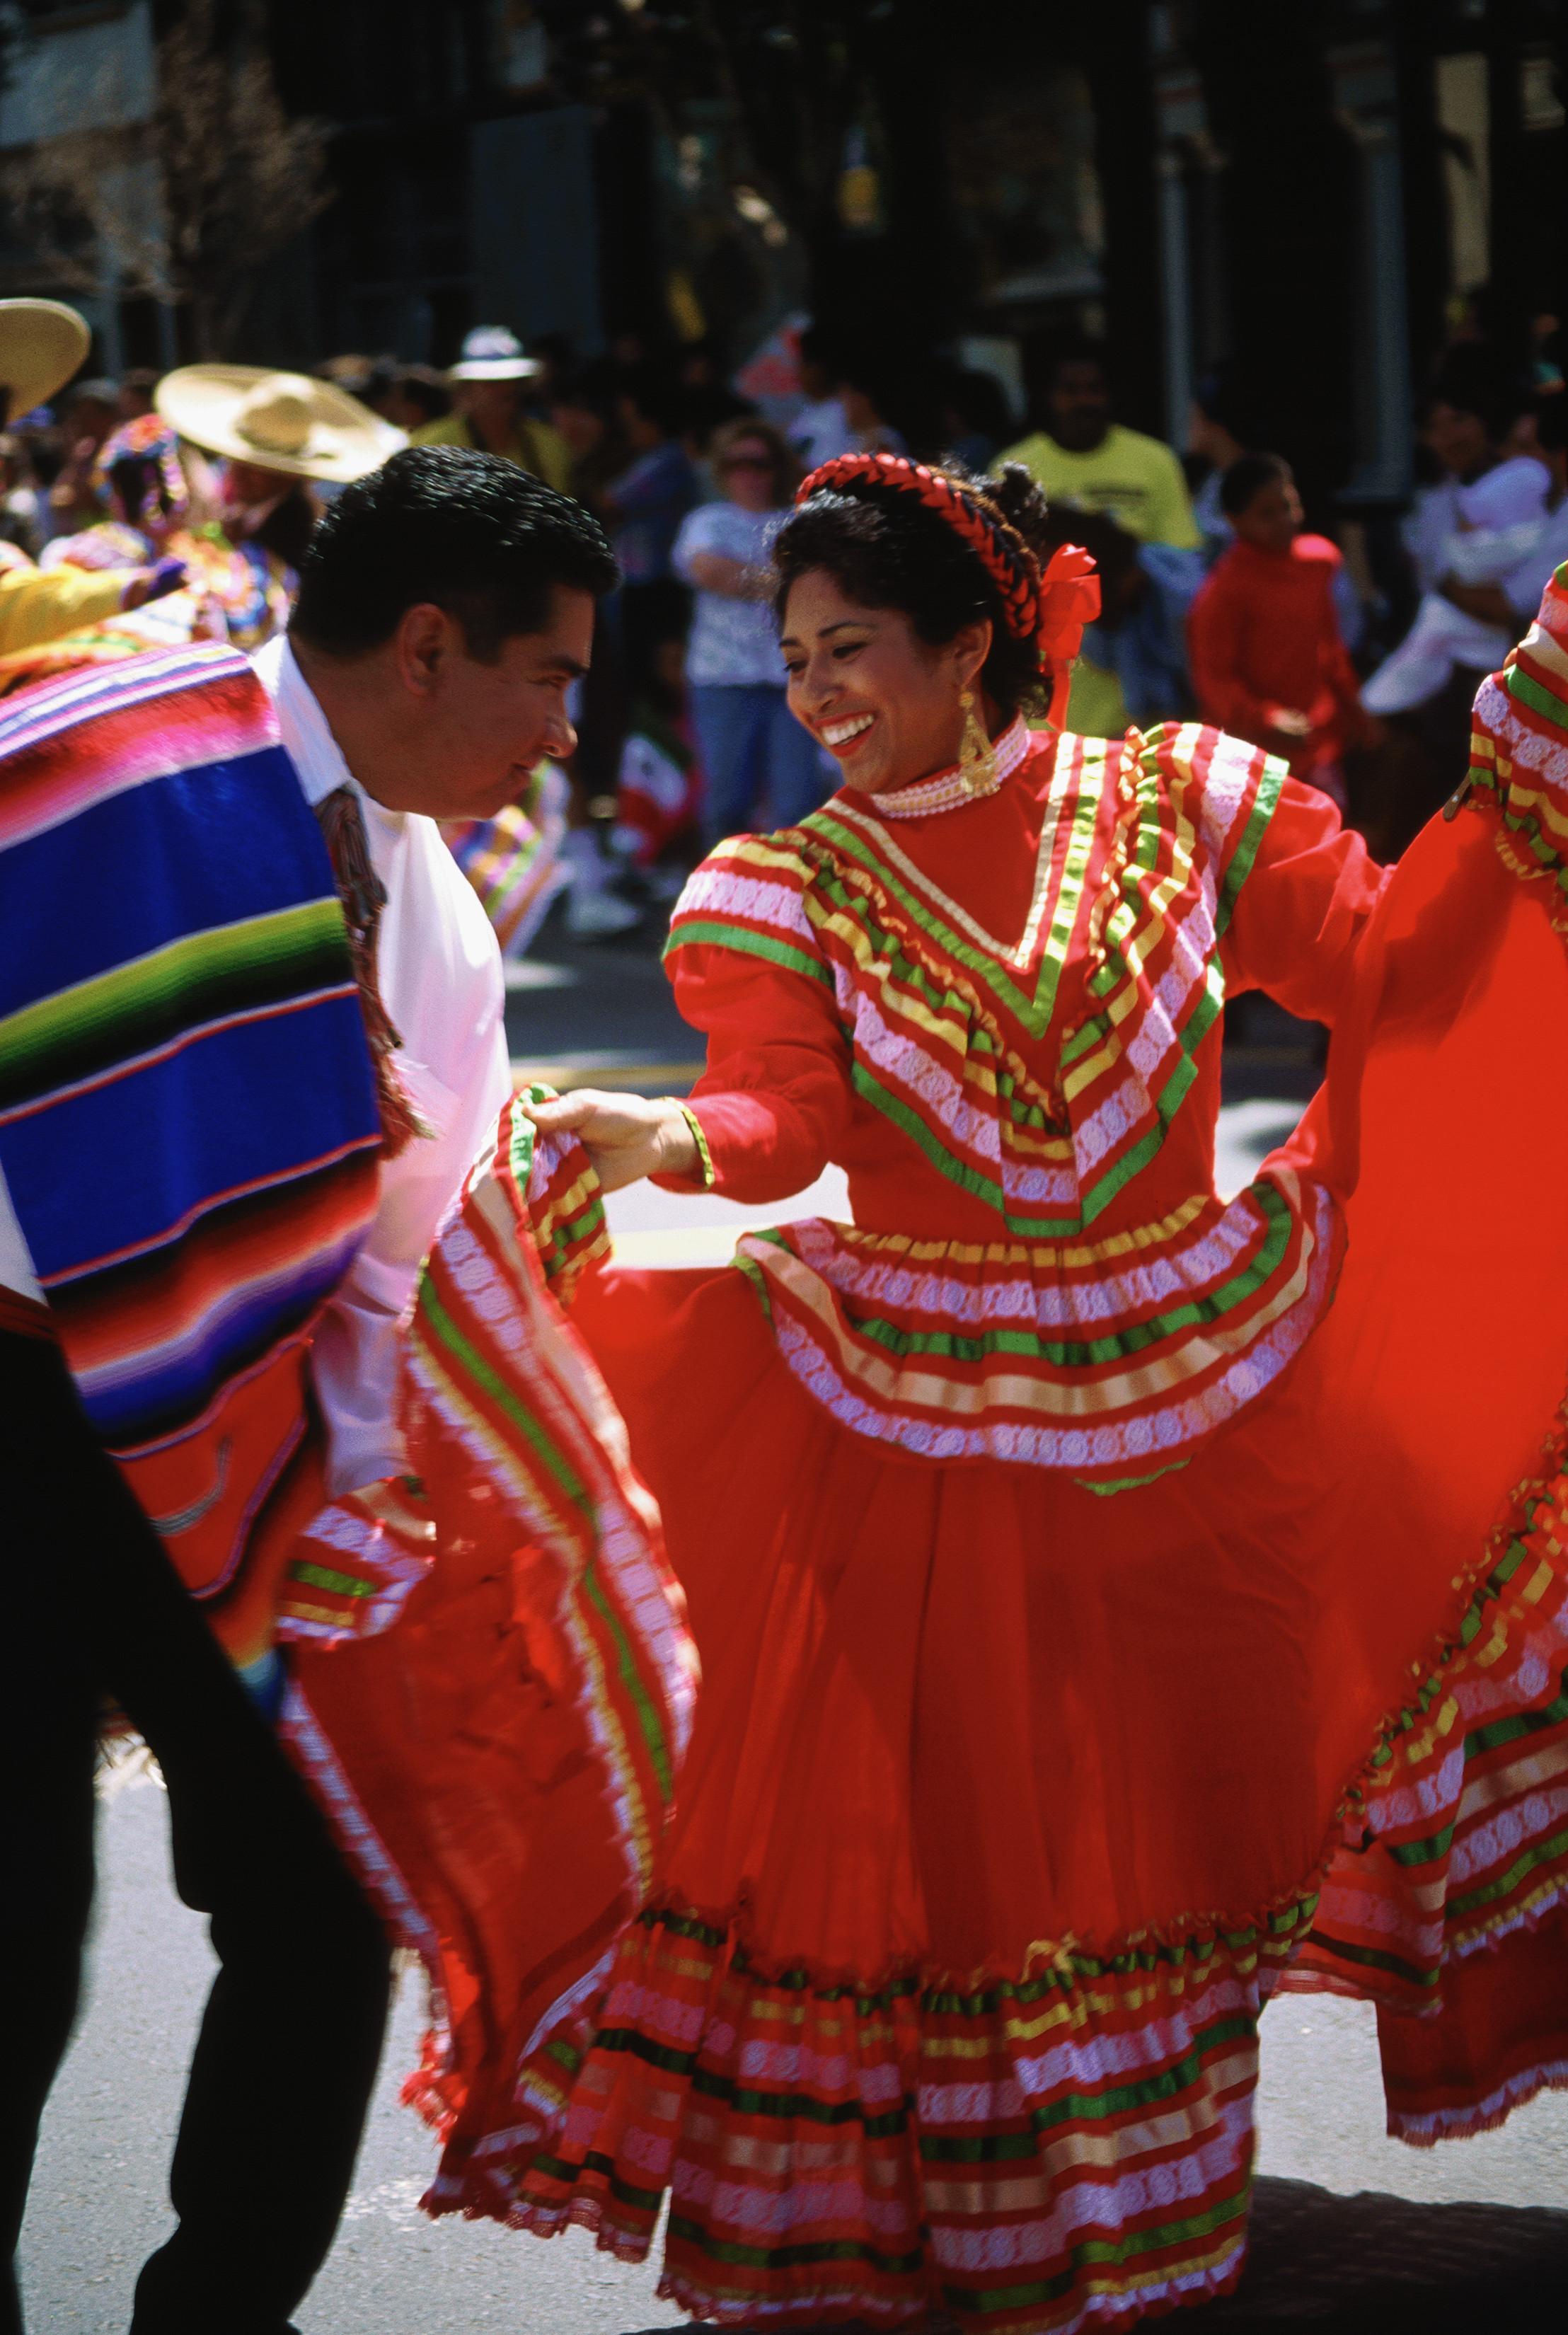 五月五日节Cinco De Mayo